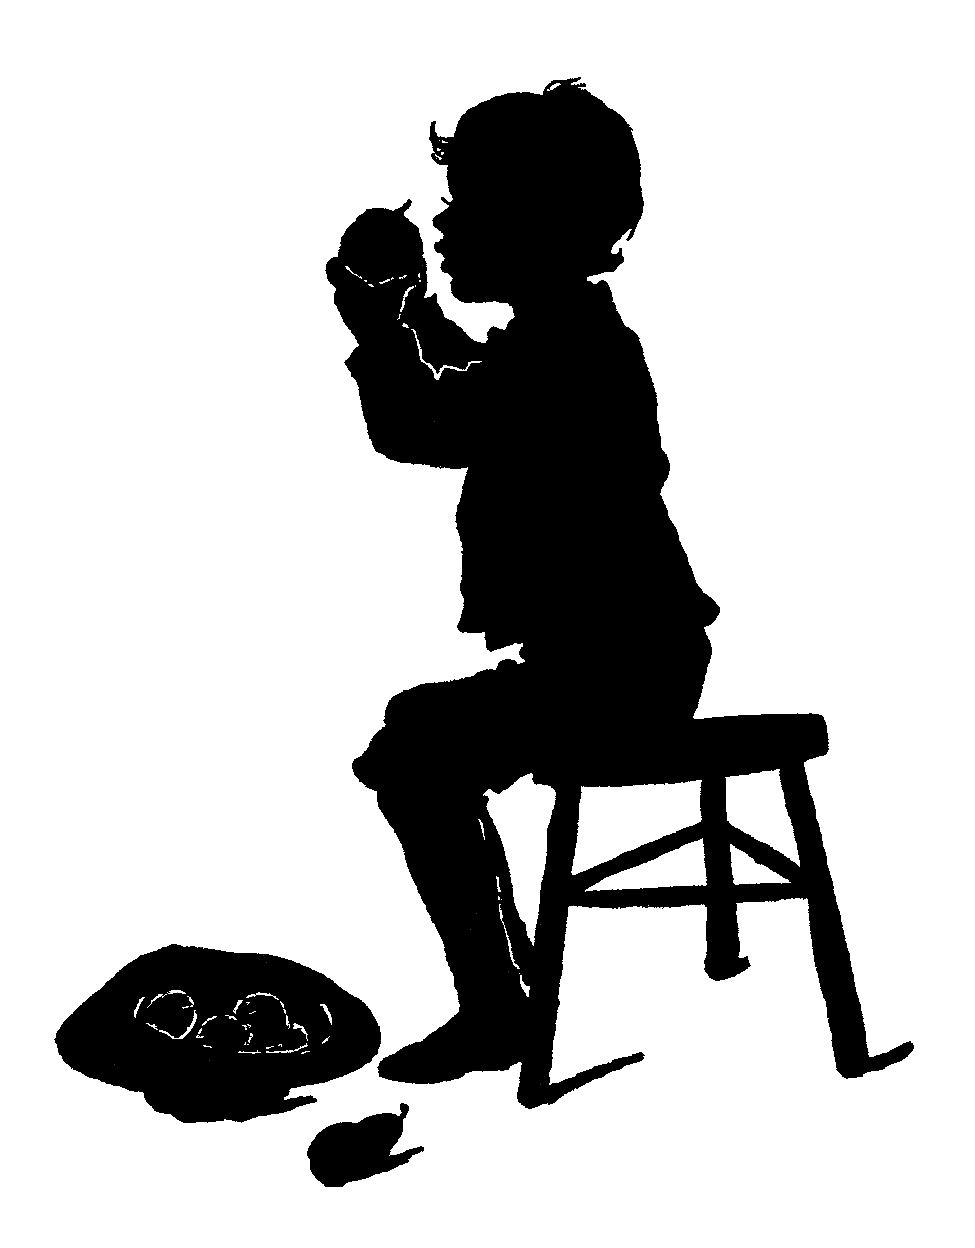 975x1248 Digital Stamp Design Antique Boy Silhouette Digital Victorian